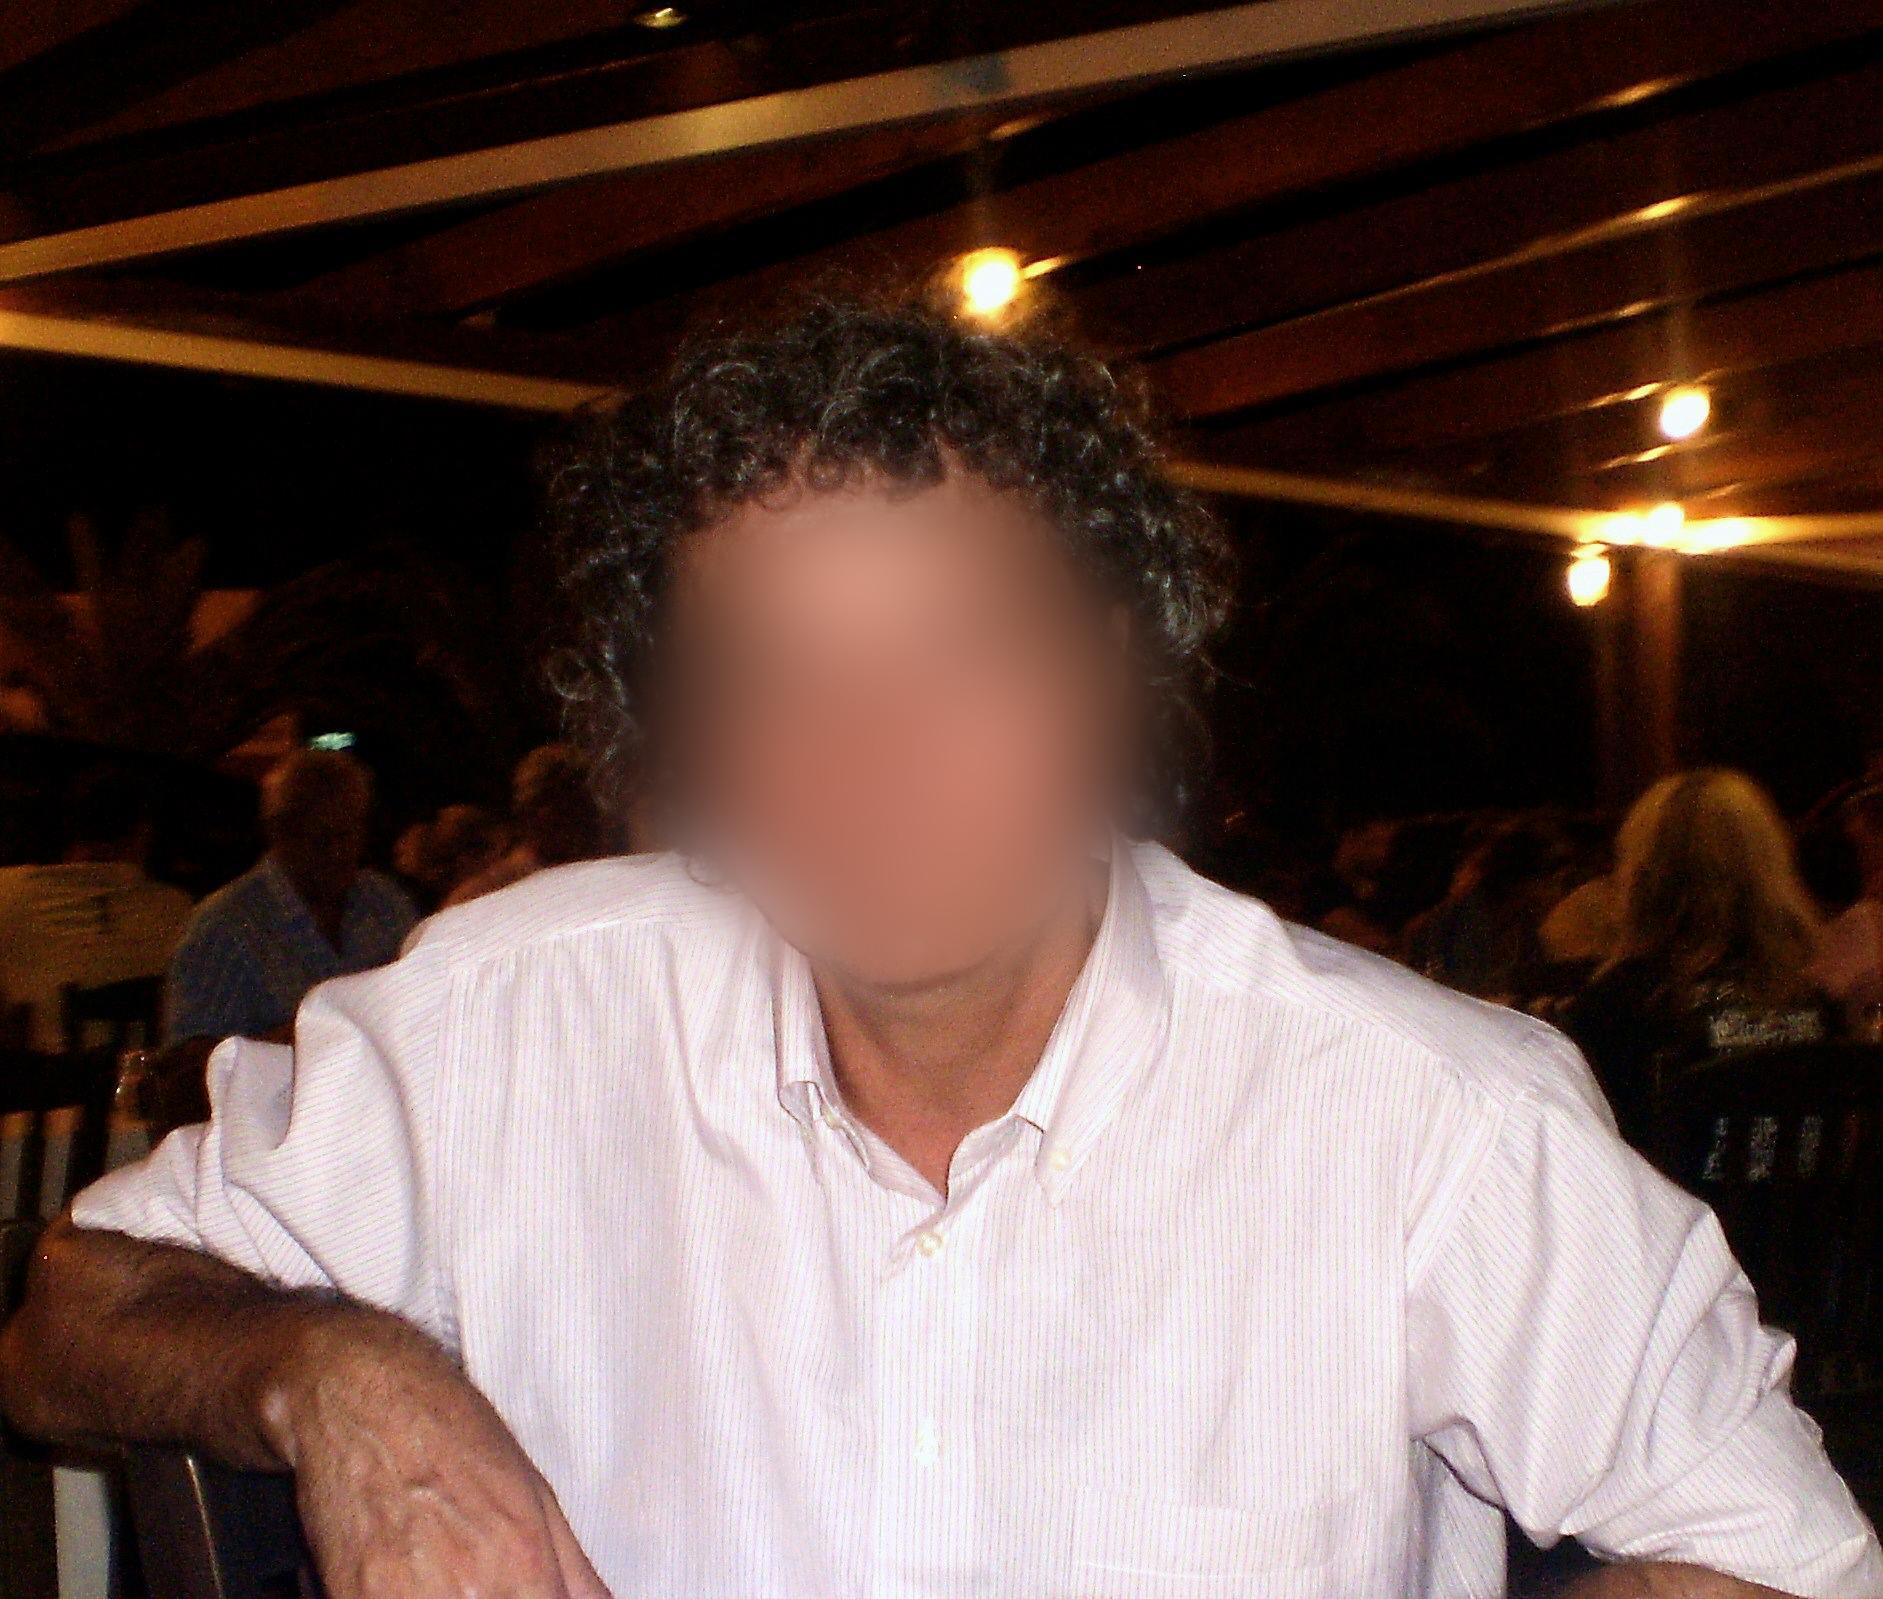 Ασκληπιείο Βούλας: Αυτός είναι ο αρνητής γιατρός που πέταξε δόσεις εμβολίου στα σκουπίδια